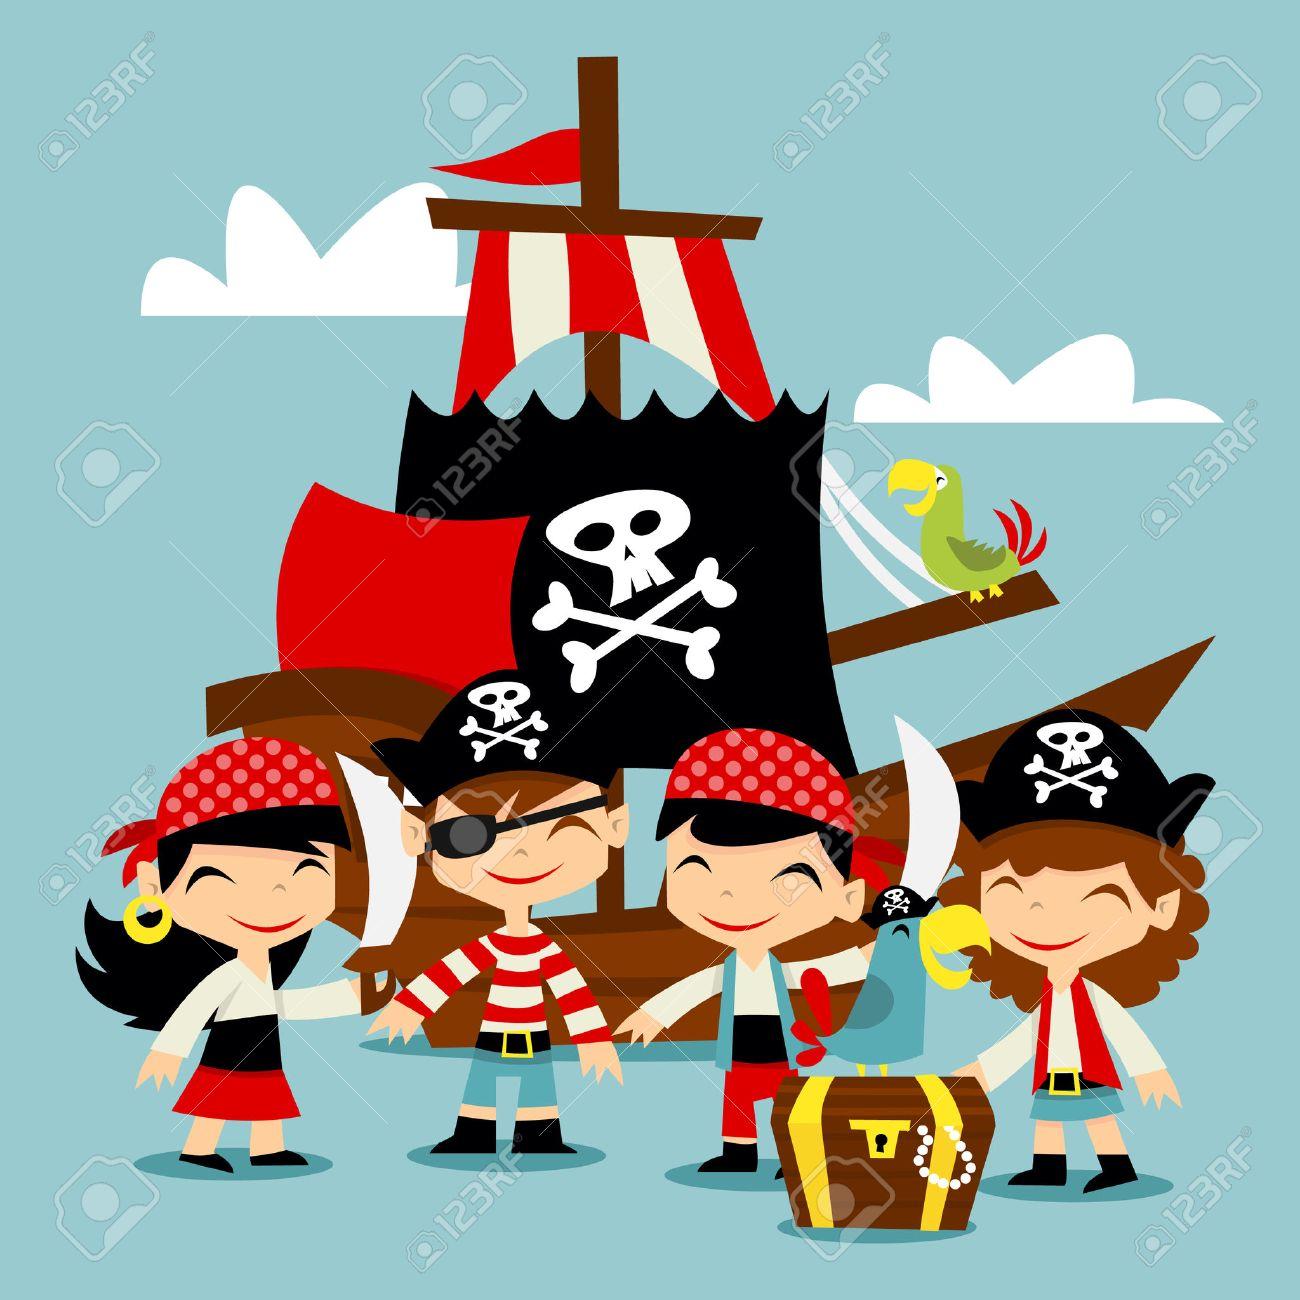 レトロな海賊冒険子供シーンのイラストのイラスト素材ベクタ Image